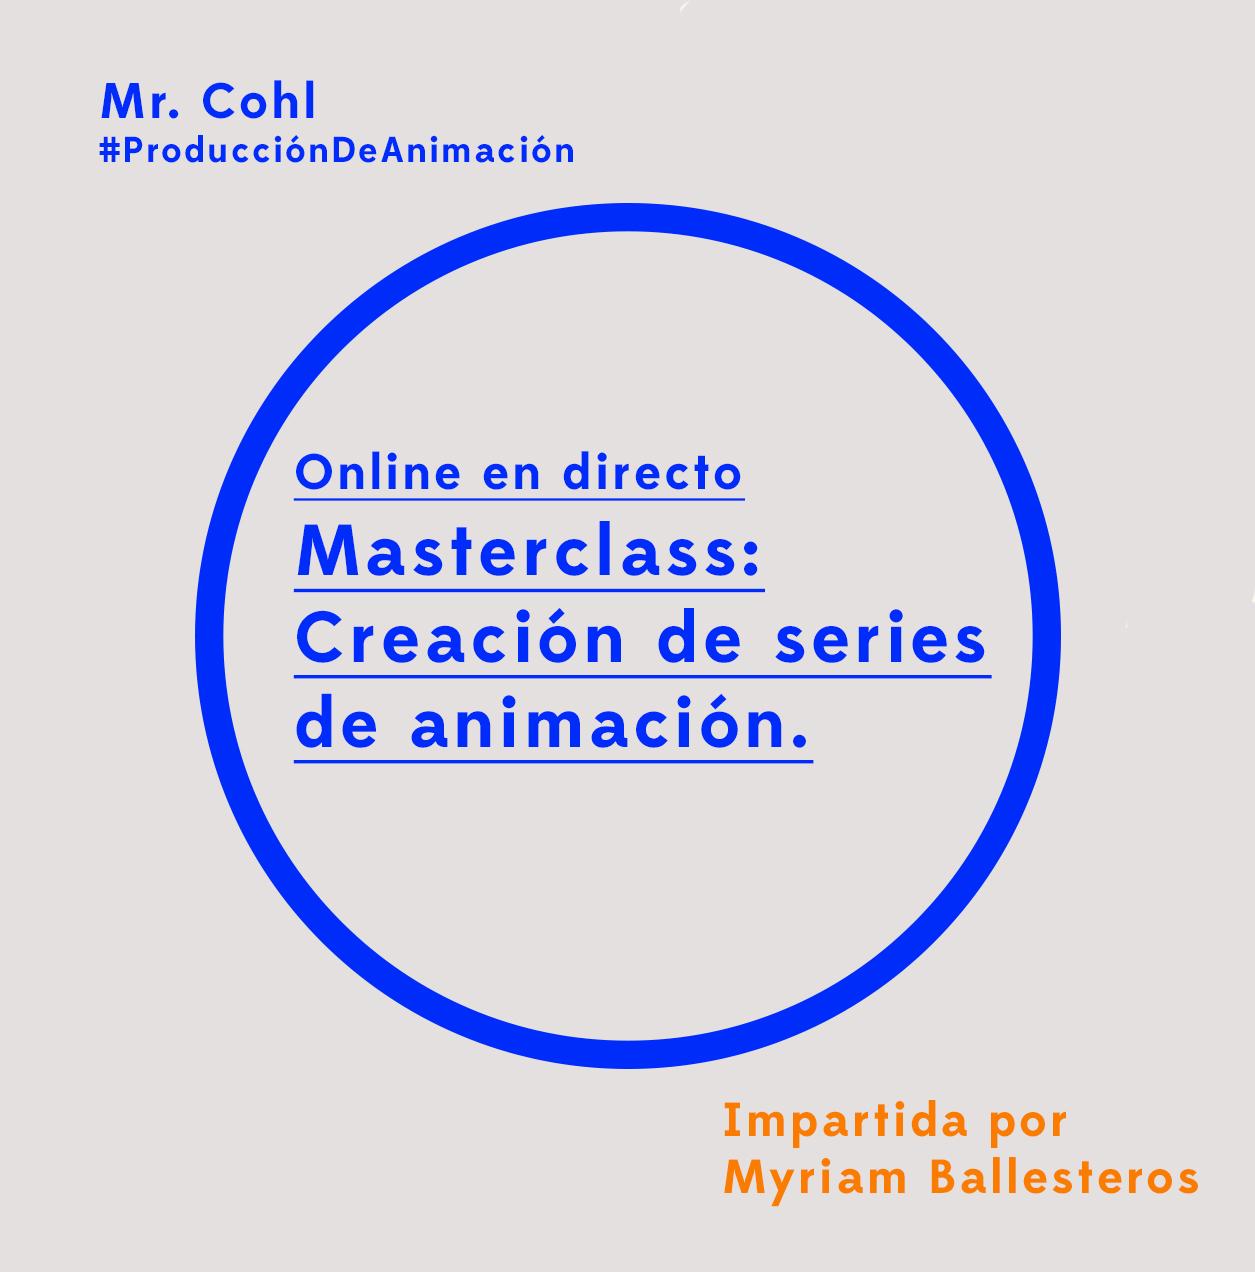 Masterclass creación de series de animación